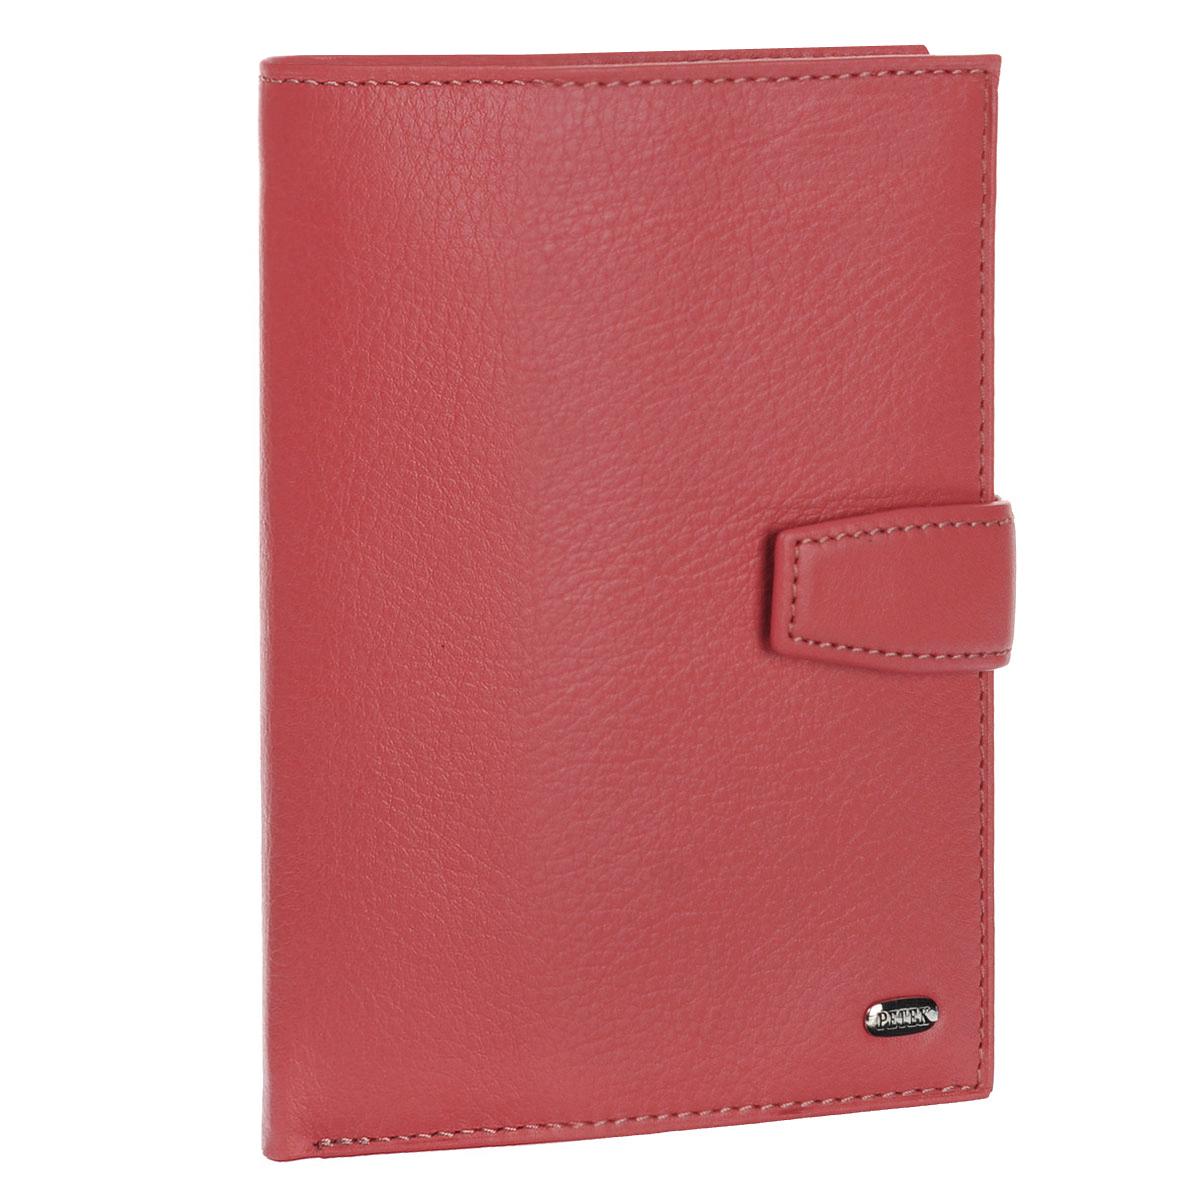 Обложка для паспорта и автодокументов Petek, цвет: розовый. 596.167.64ABS-14,4 Sli BMCОбложка для паспорта и автодокументов Petek выполнена из натуральной кожи с гладкой поверхностью. Внутри состоит из отделения для паспорта, шести отделений из прозрачного пластика для автодокументов и двух сетчатых карманов. Также есть отделение для купюр. Обложка закрывается небольшим хлястиком на кнопку. Обложка упакована в фирменную коробку с логотипом фирмы.Такая обложка станет замечательным подарком человеку, ценящему качественные и практичные вещи.